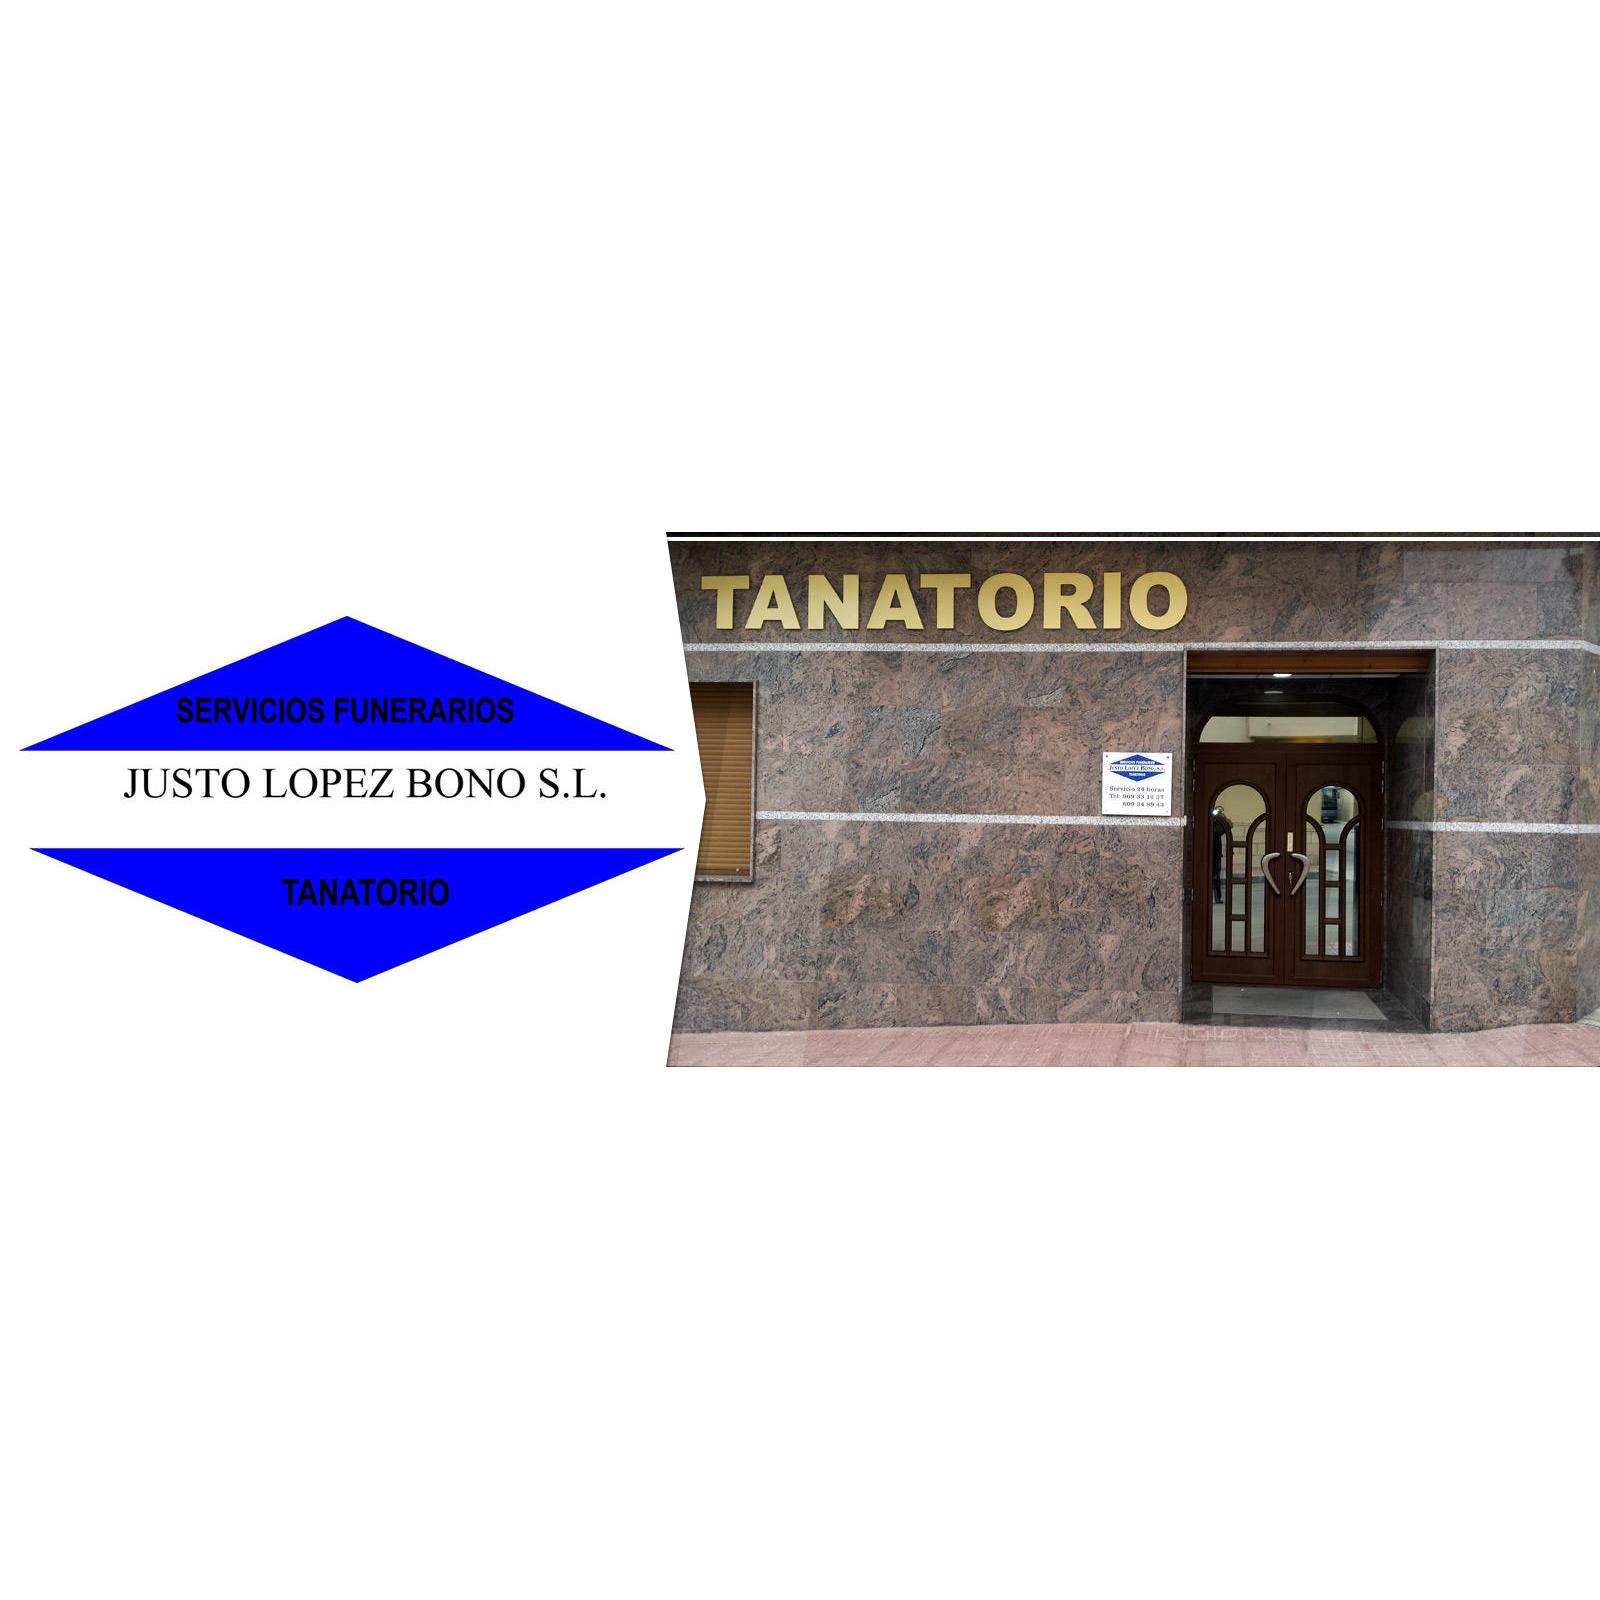 Servicios funerarios Justo Lopez Bono